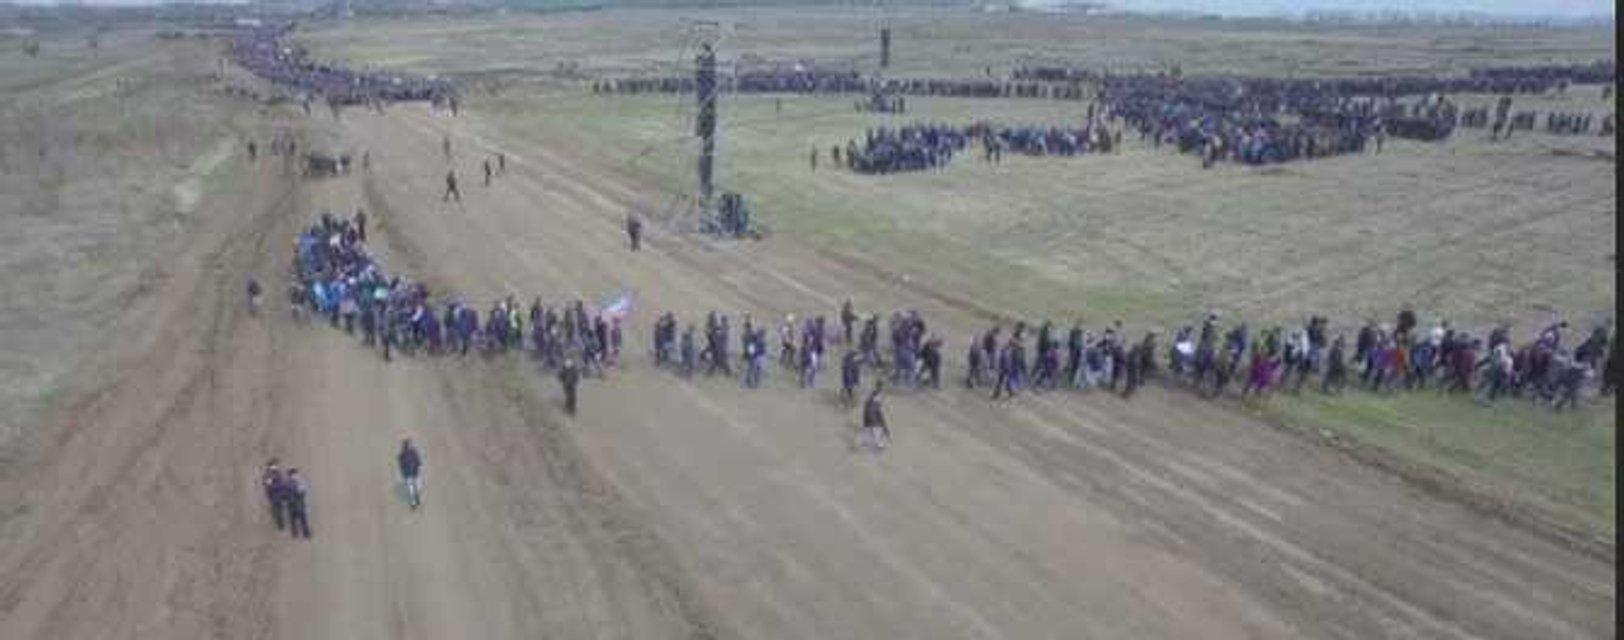 Боевики согнали под Чистяково 27 тысяч мобилизованных бюджетников - фото 41444